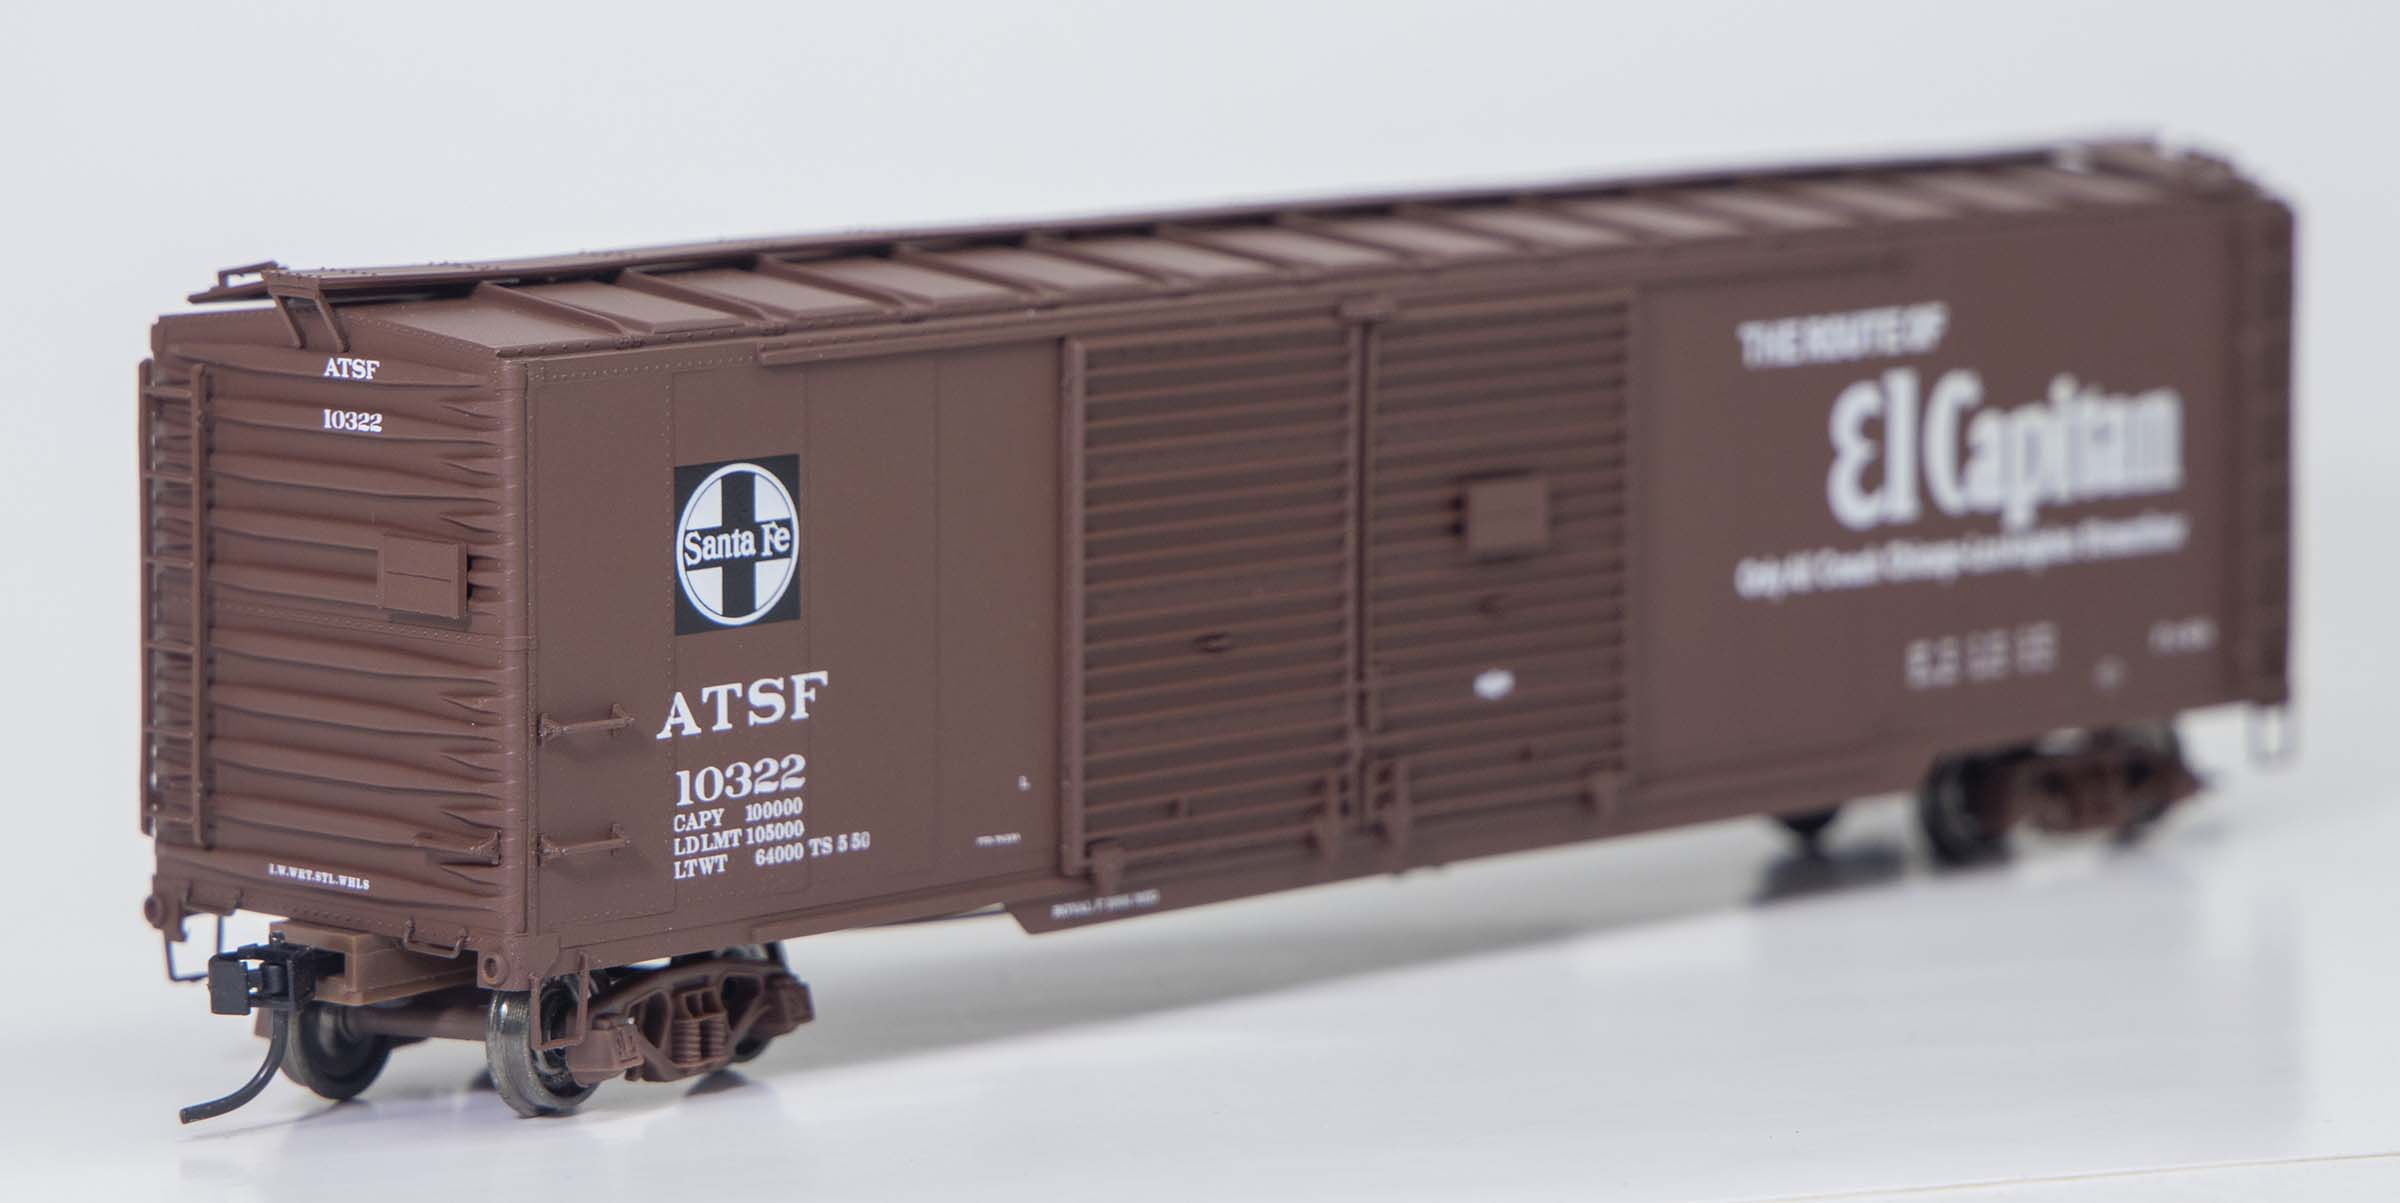 ATSF Fe-24 #10322 (model)